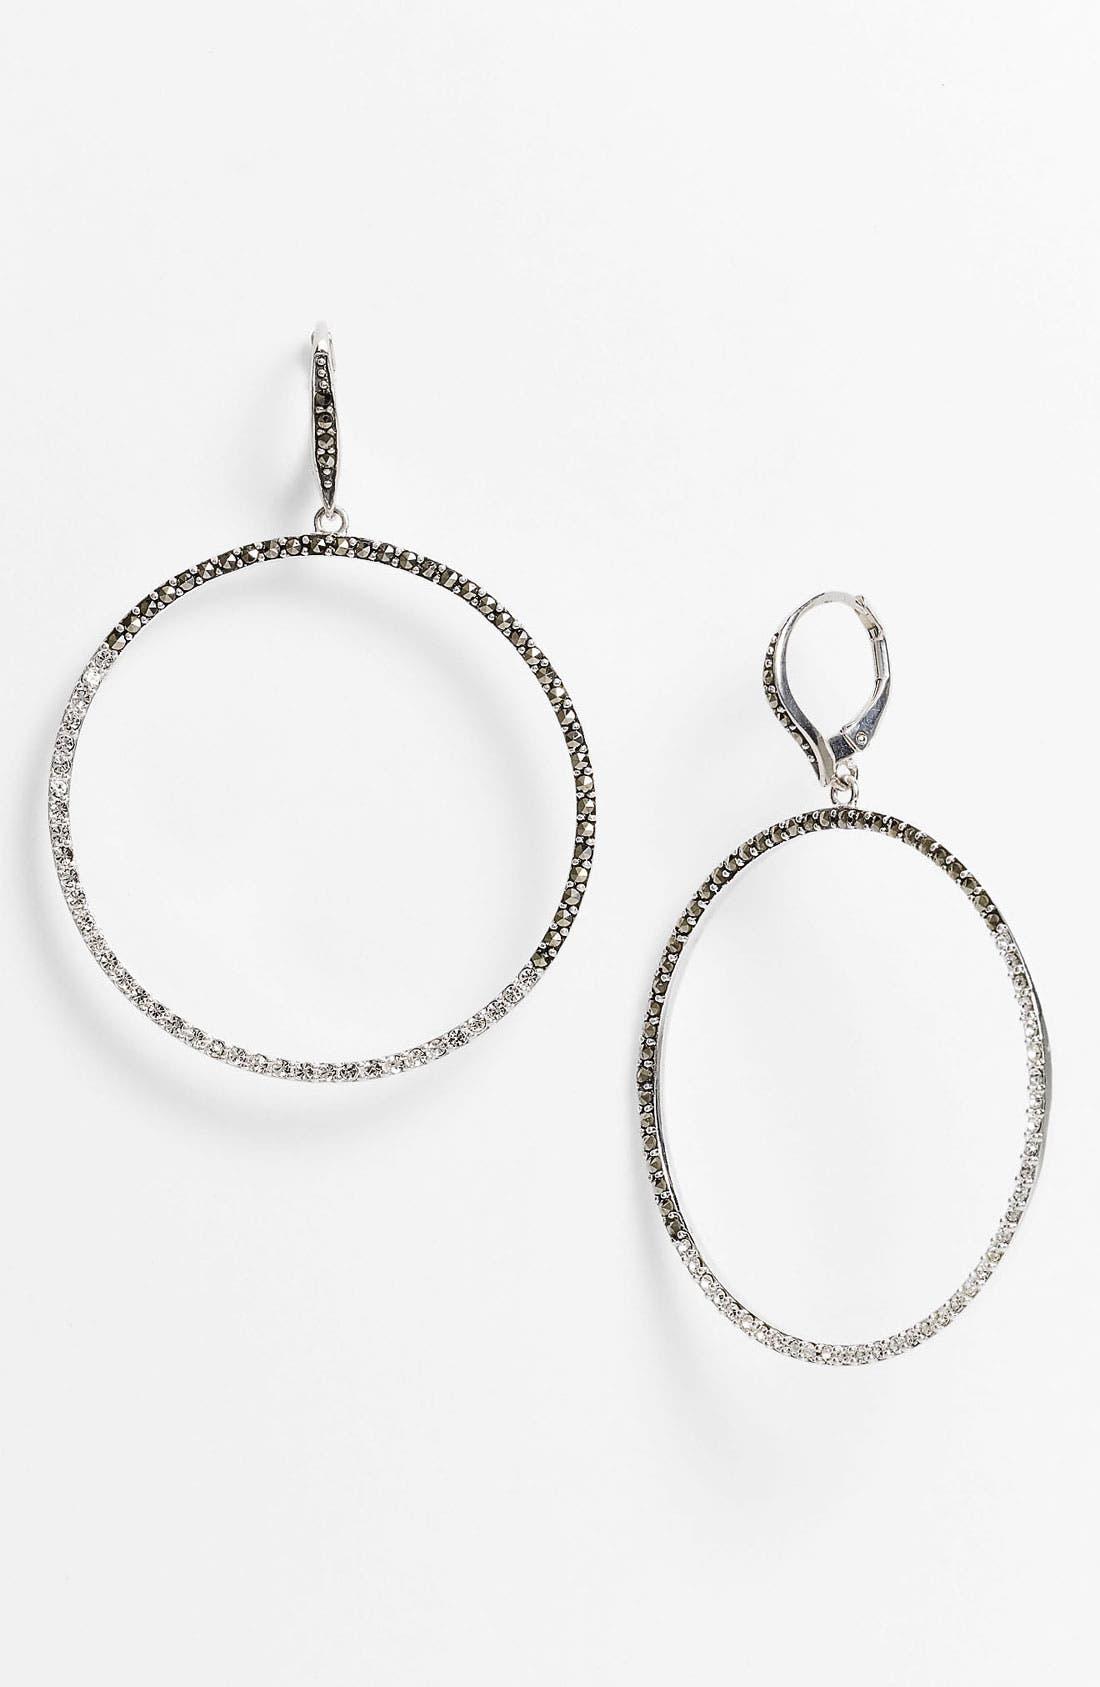 Main Image - Judith Jack 'Crystal Glitz' Frontal Hoop Earrings